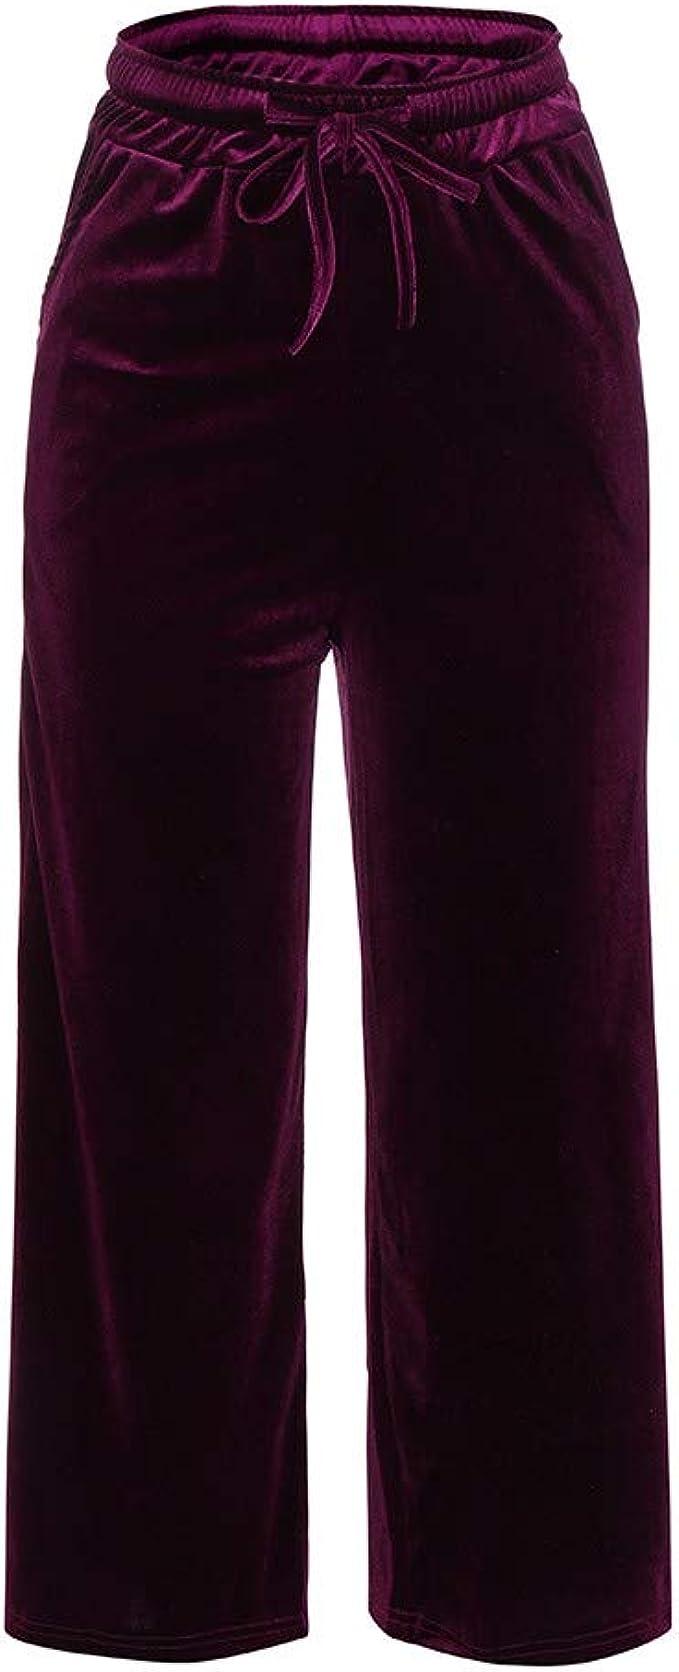 Sylar Pantalones Para Mujer Talla Grande Color Solido Terciopelo Cintura Alta Pantalones Casuales Otono Pantalones De Haren Pantalones De Pierna Ancha Amazon Es Ropa Y Accesorios